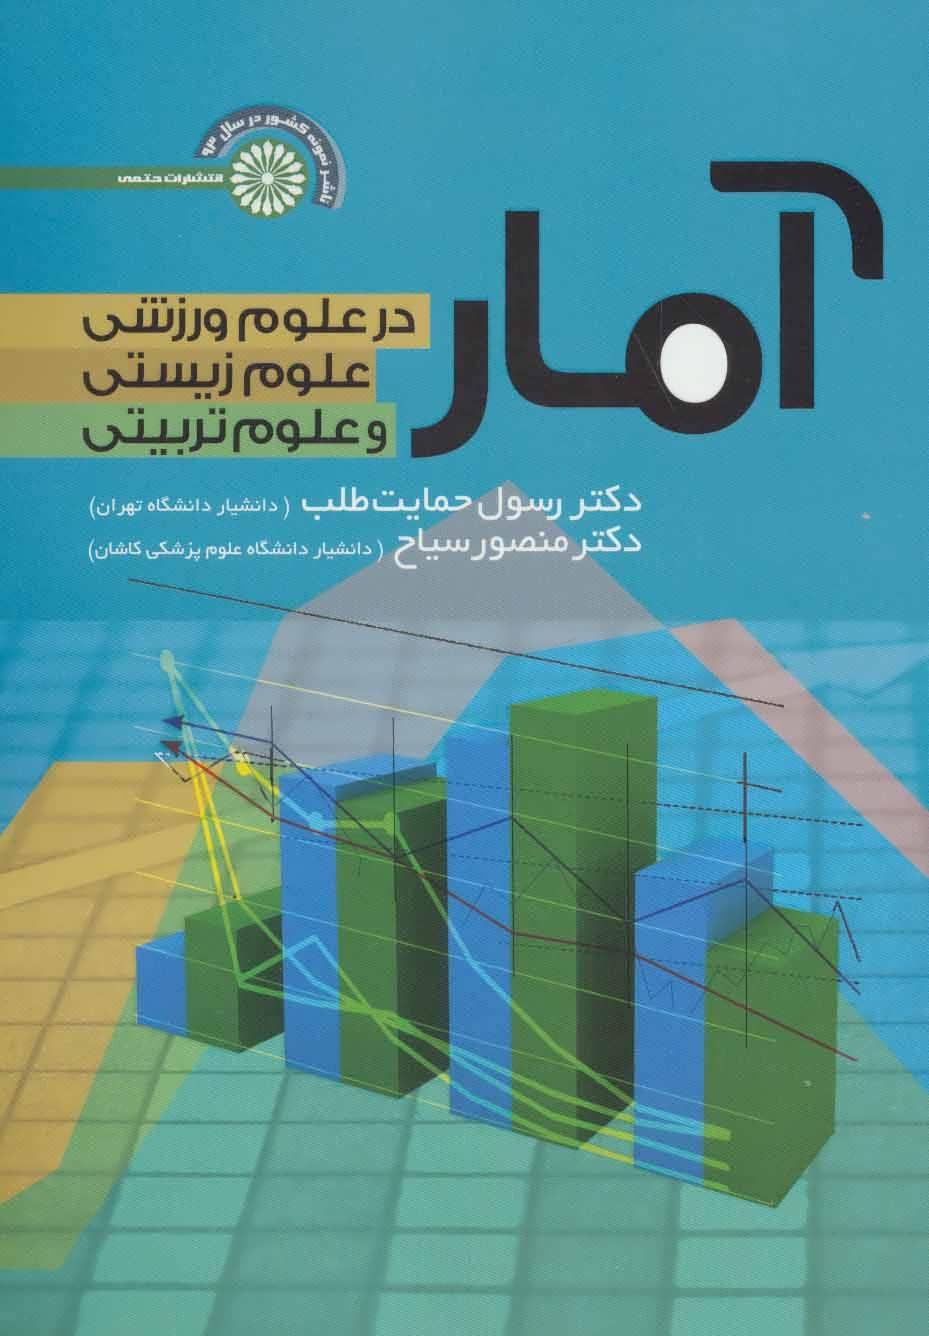 کتاب آمار در علوم ورزشی، علوم زیستی و علومتربیتی